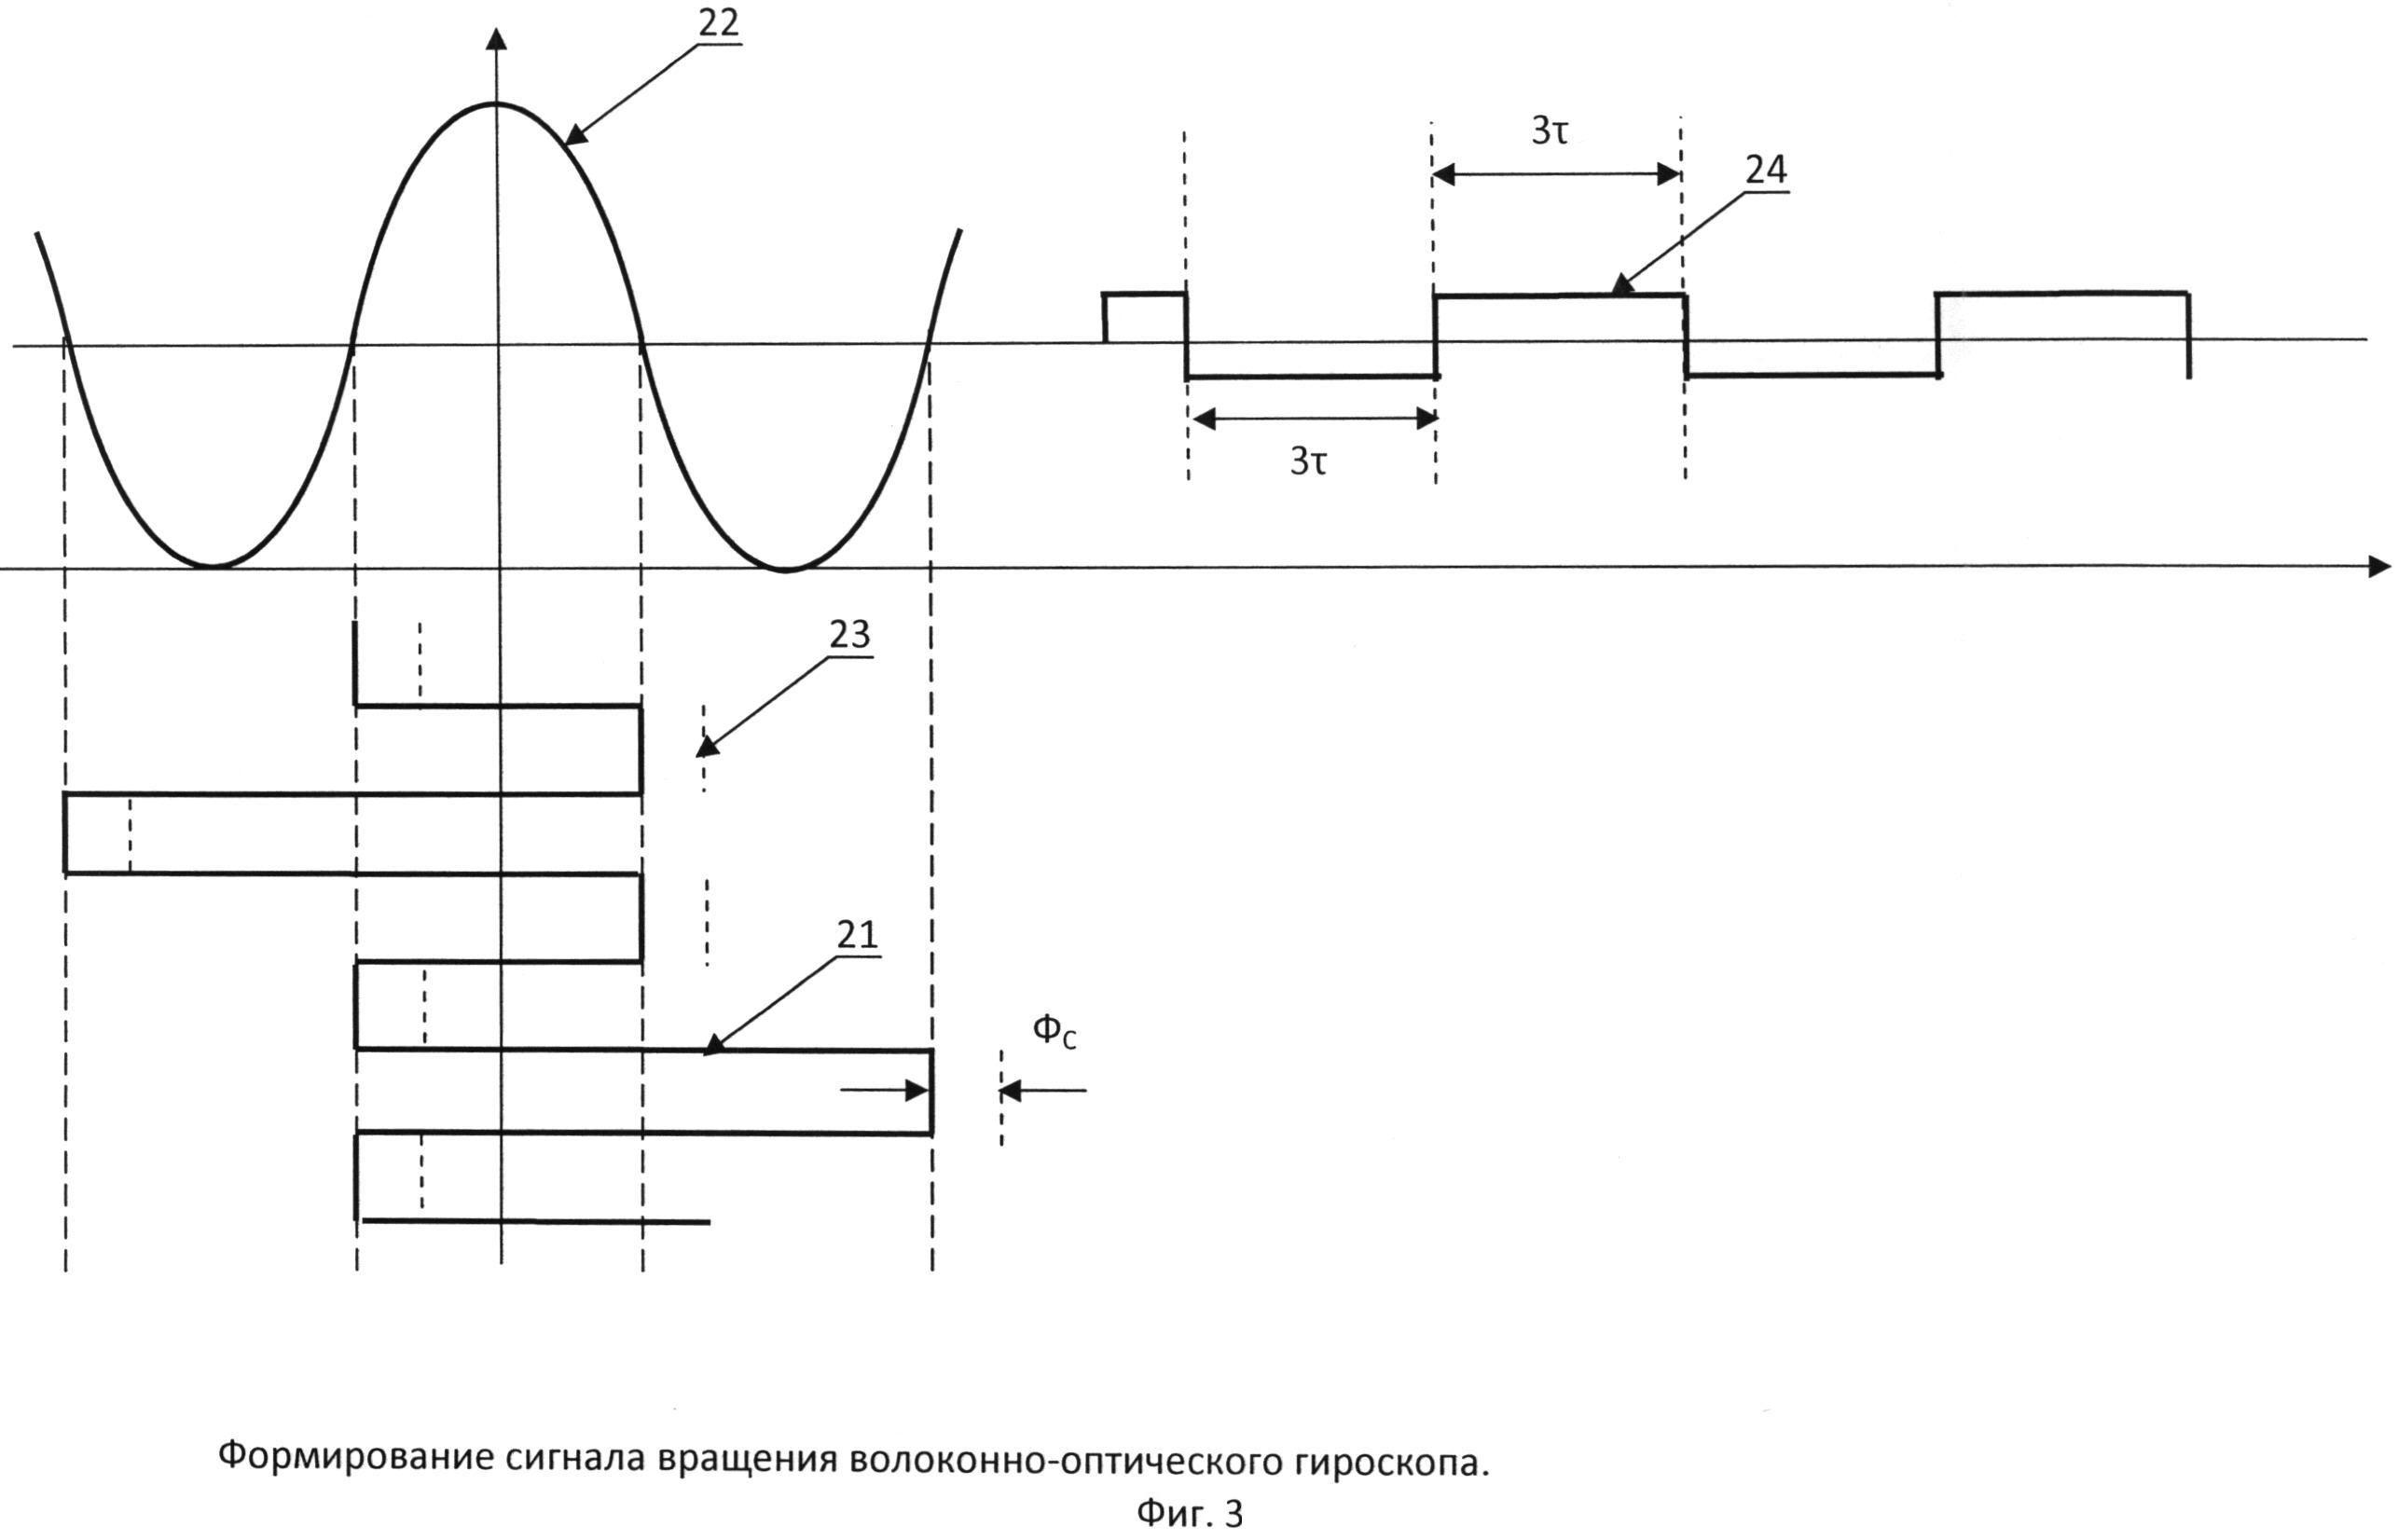 Способ уменьшения времени точностной готовности волоконно-оптического гироскопа